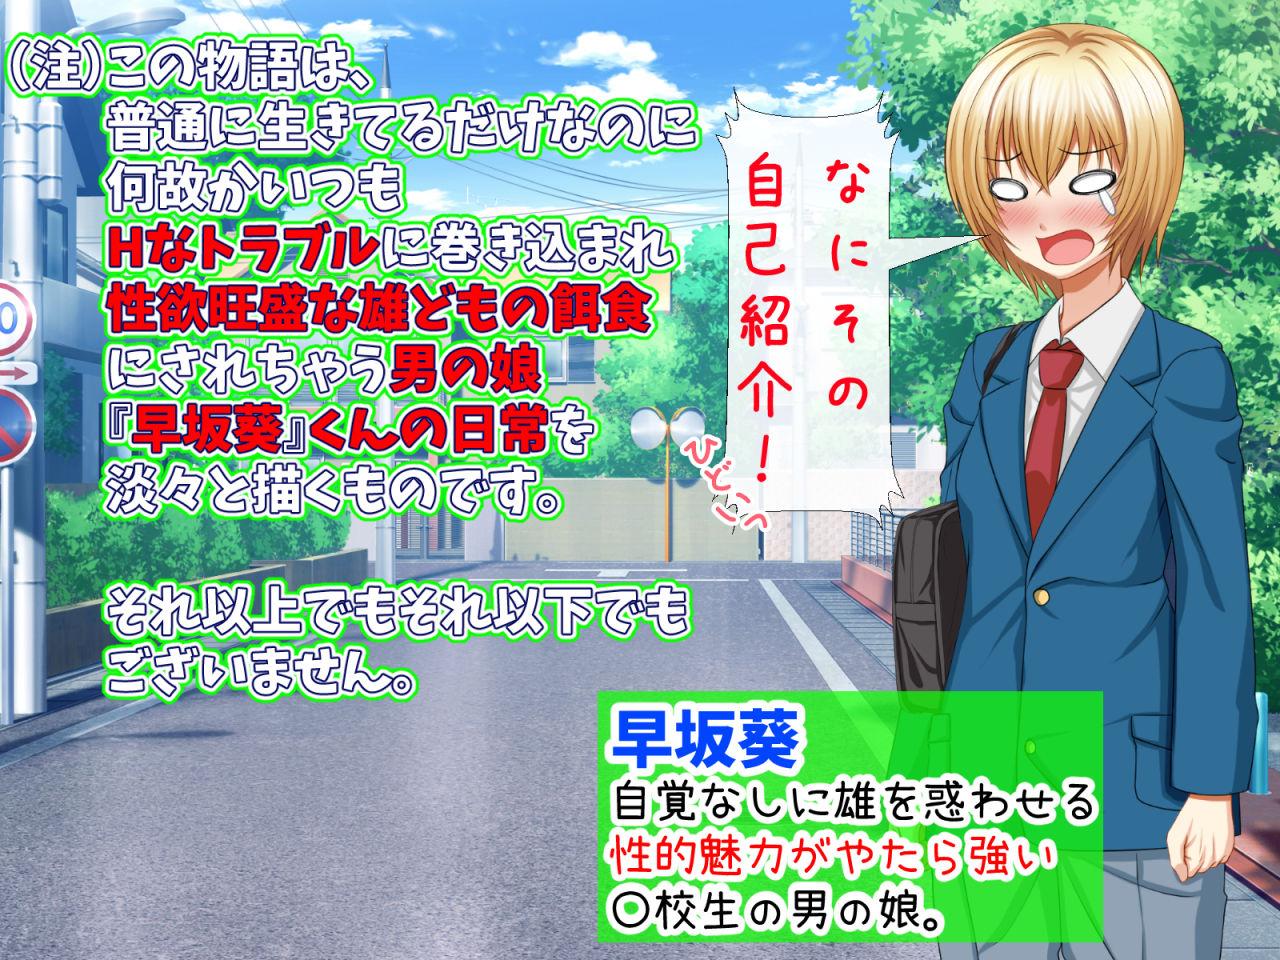 【クレイジーコメディアン 同人】まきこまれ体質な男の娘早坂葵の受難